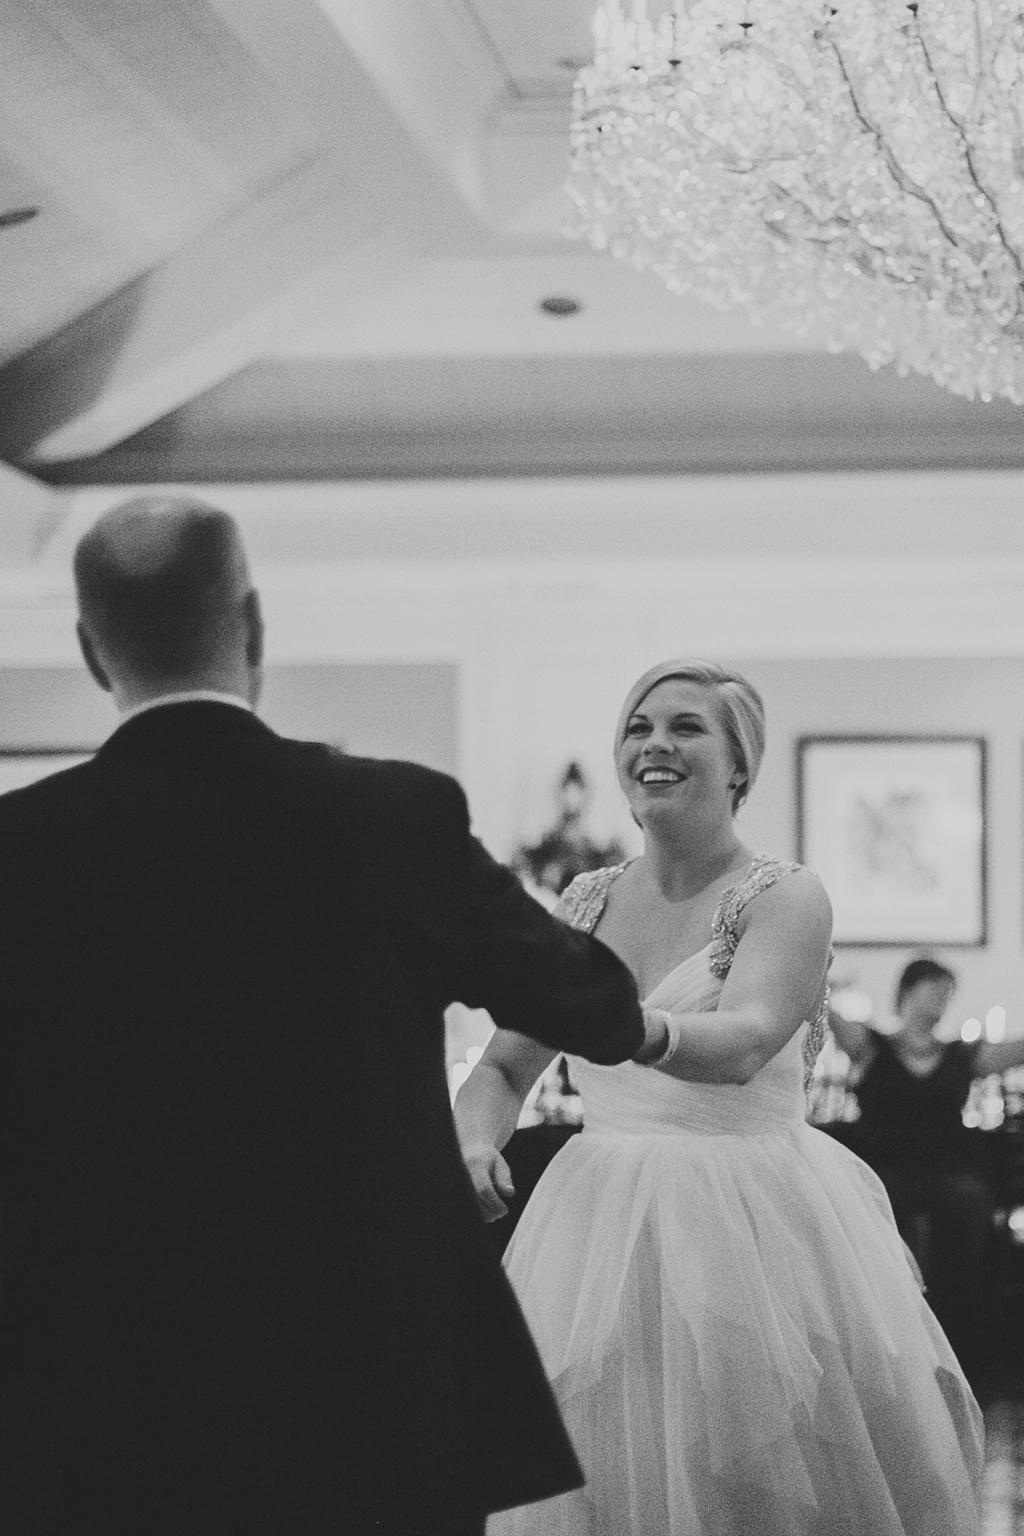 emilie-toby-new-years-wedding-20.jpg